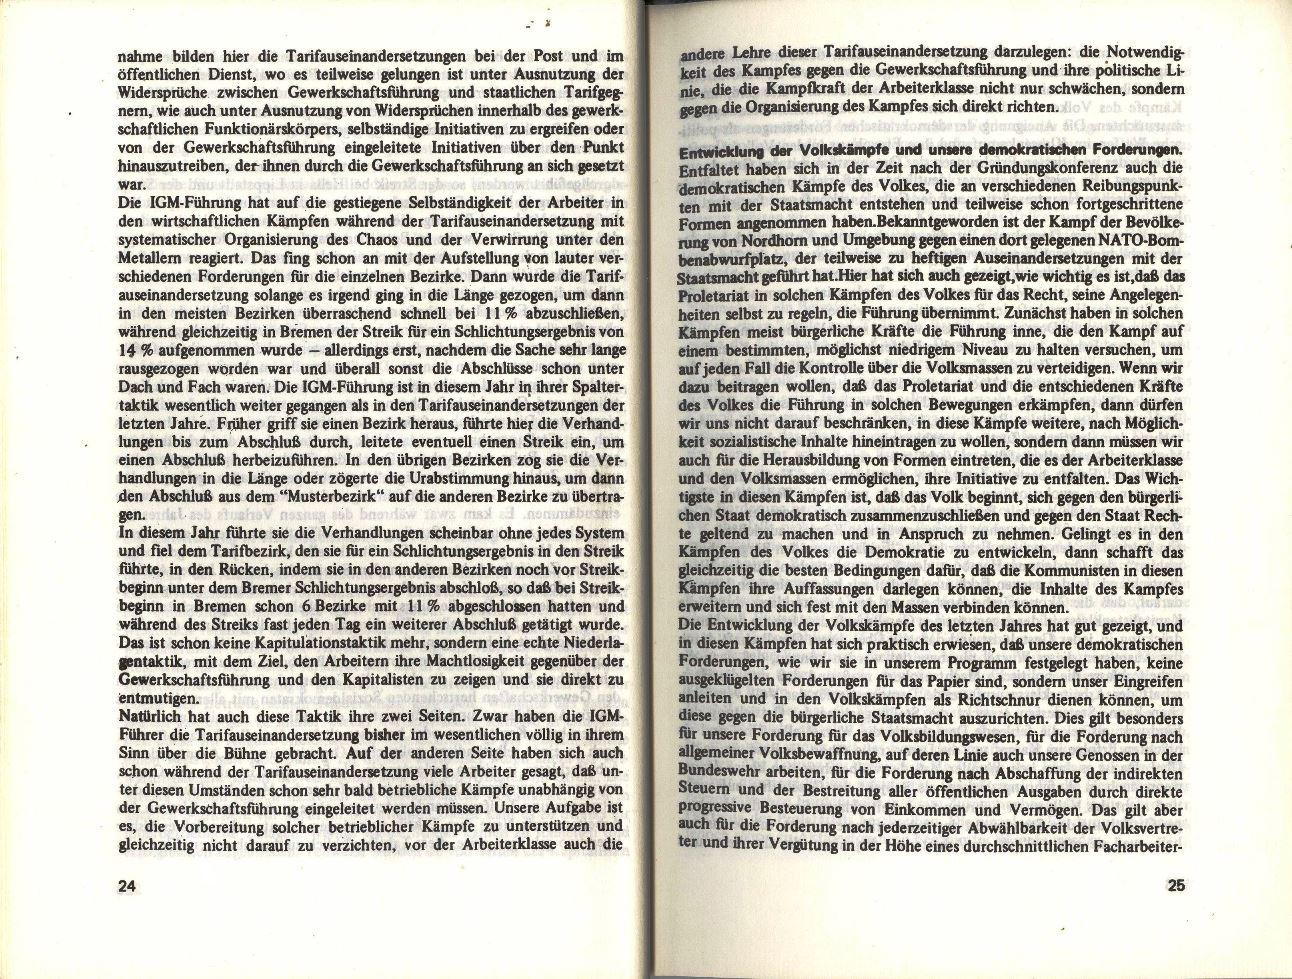 KBW_1974_Politischer_Bericht014